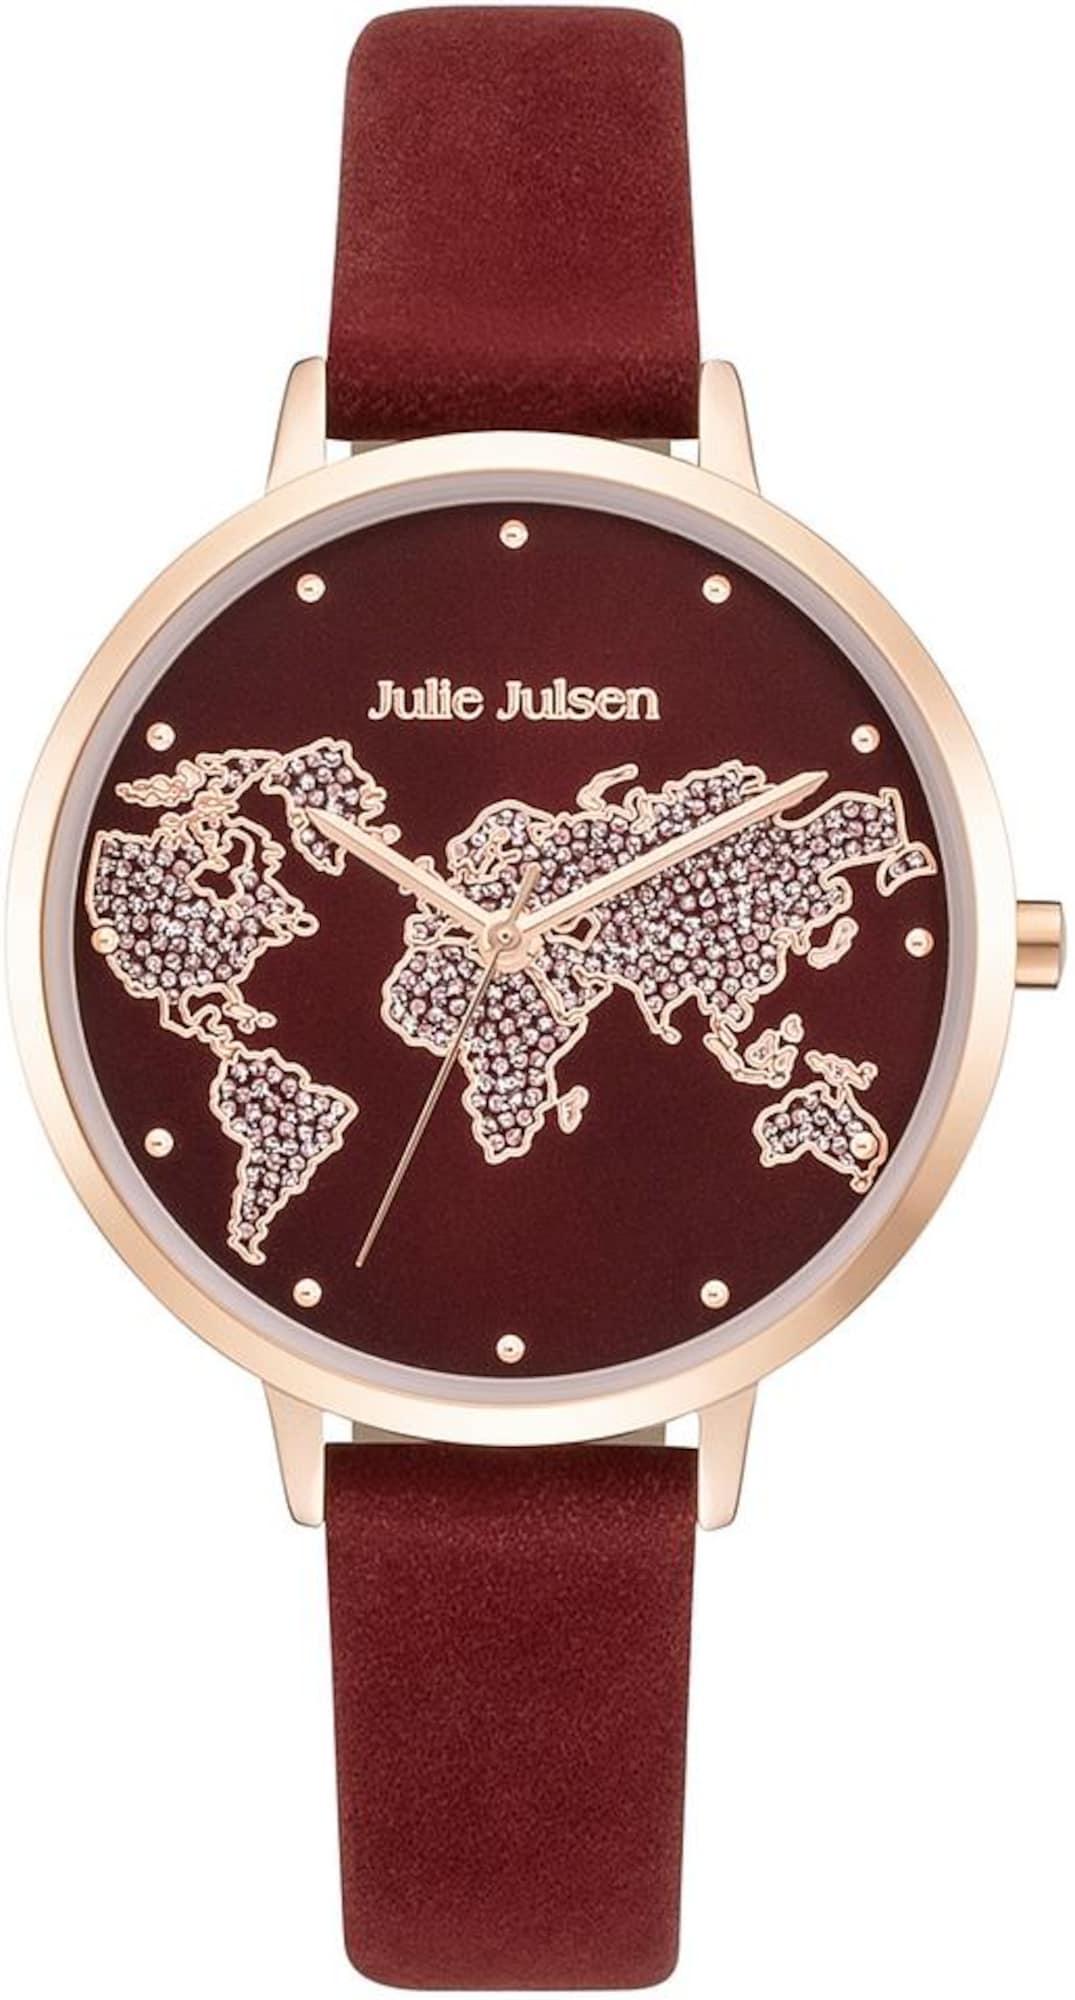 Quarzuhr 'World'   Uhren   Julie Julsen